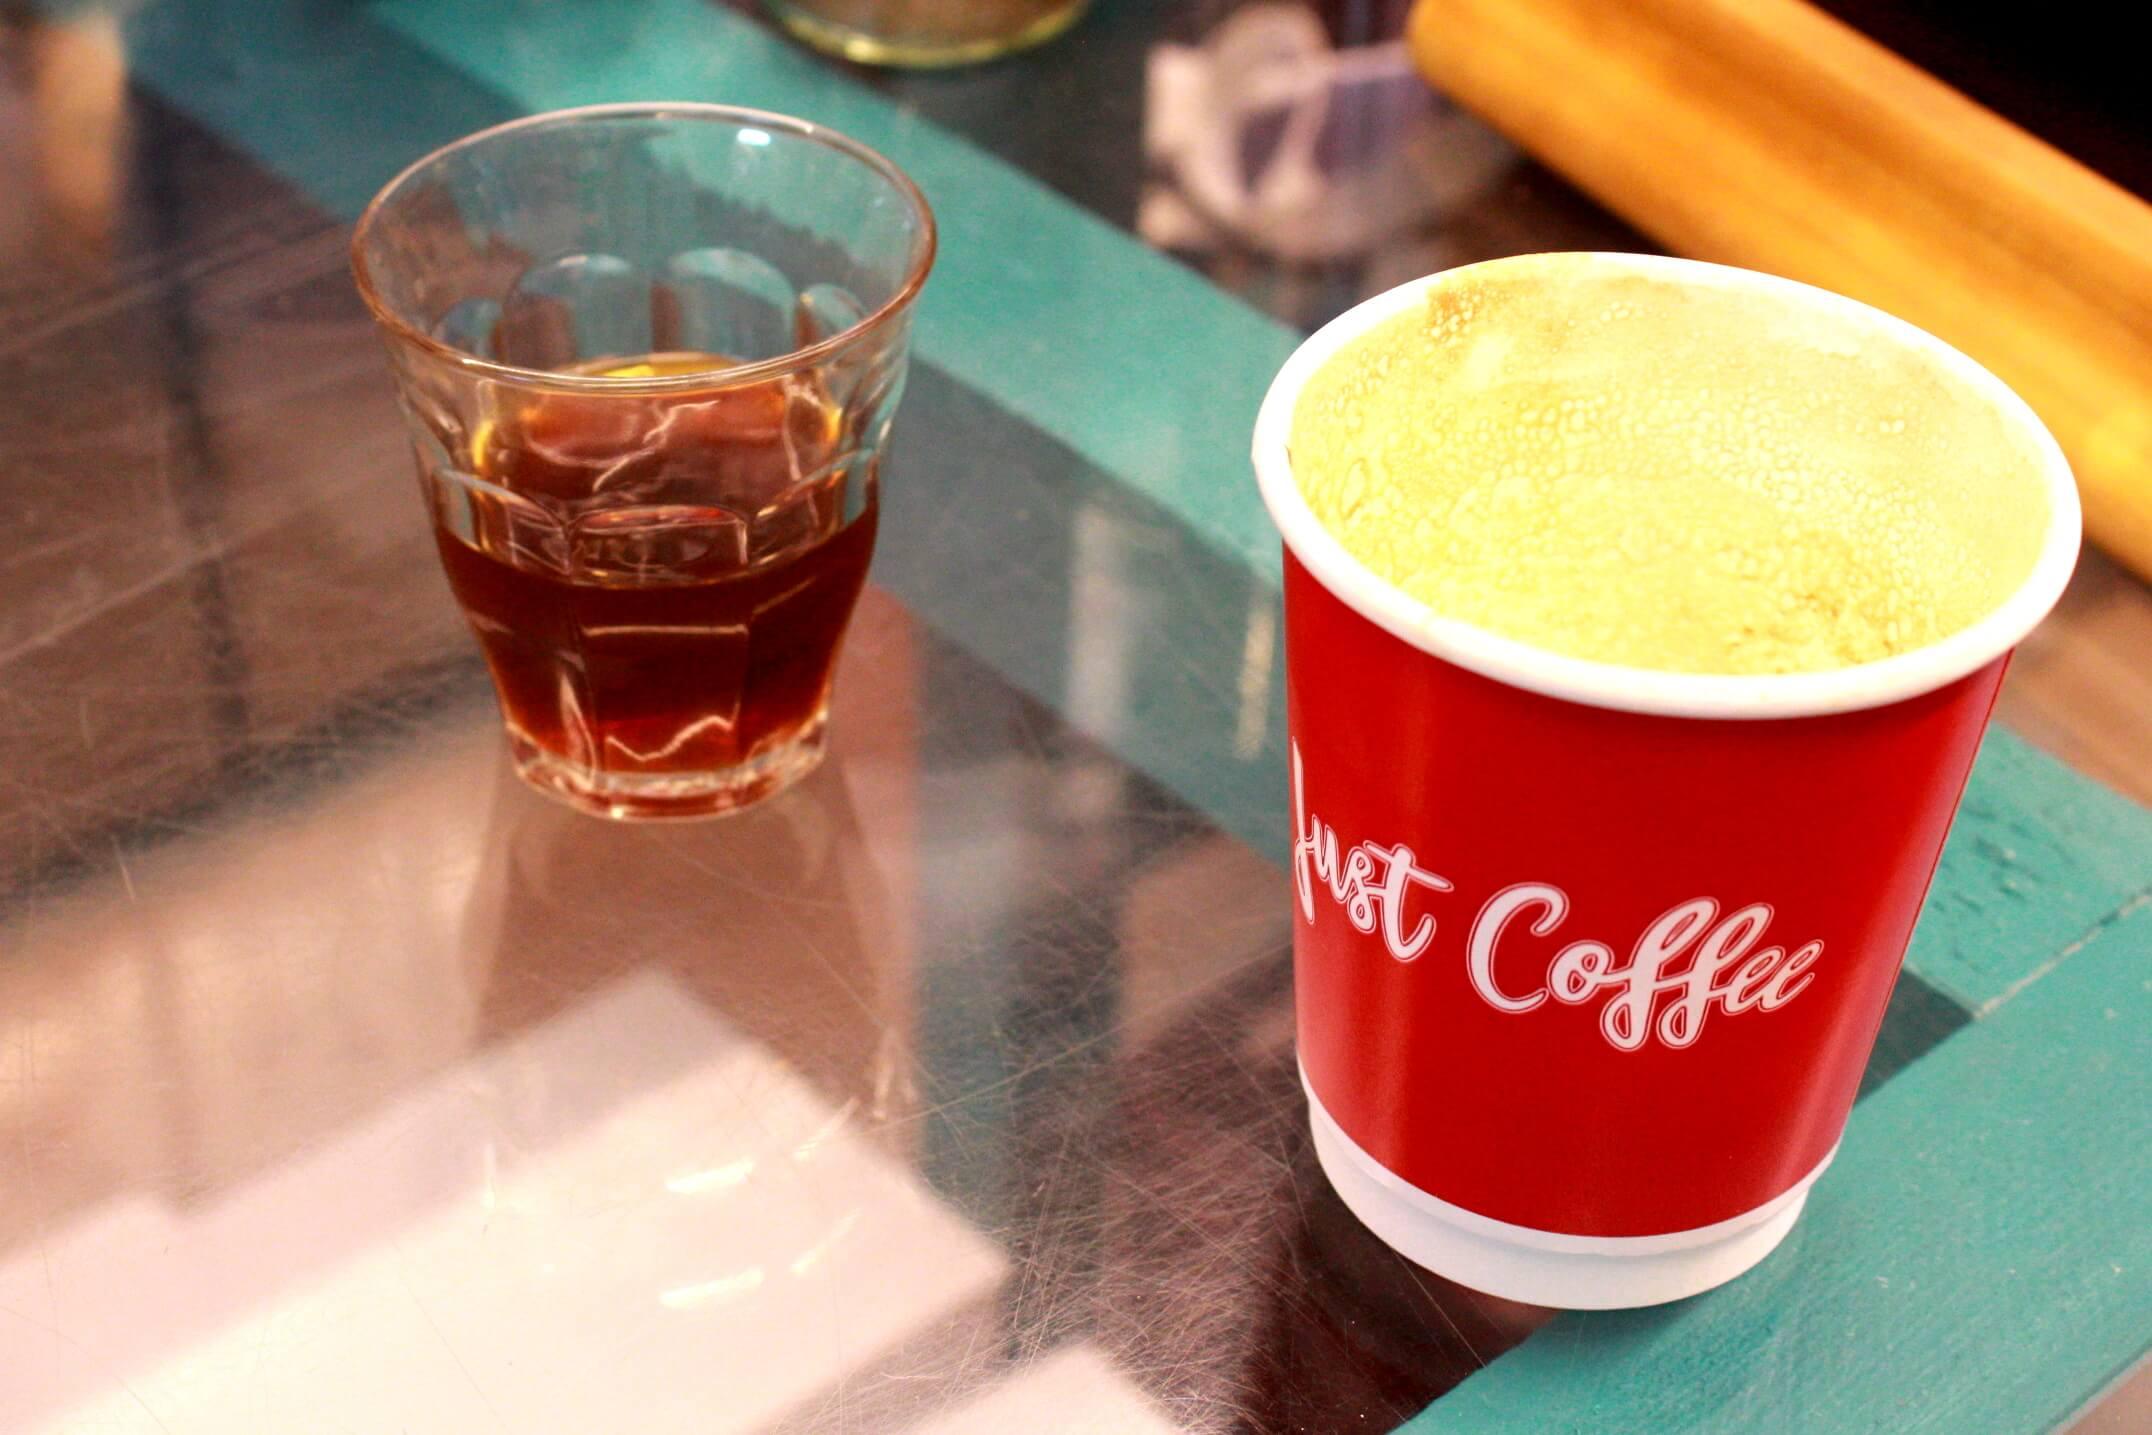 Der_bolivianische_Spezialit_tenkaffee__links__schmeckt_s_sslich